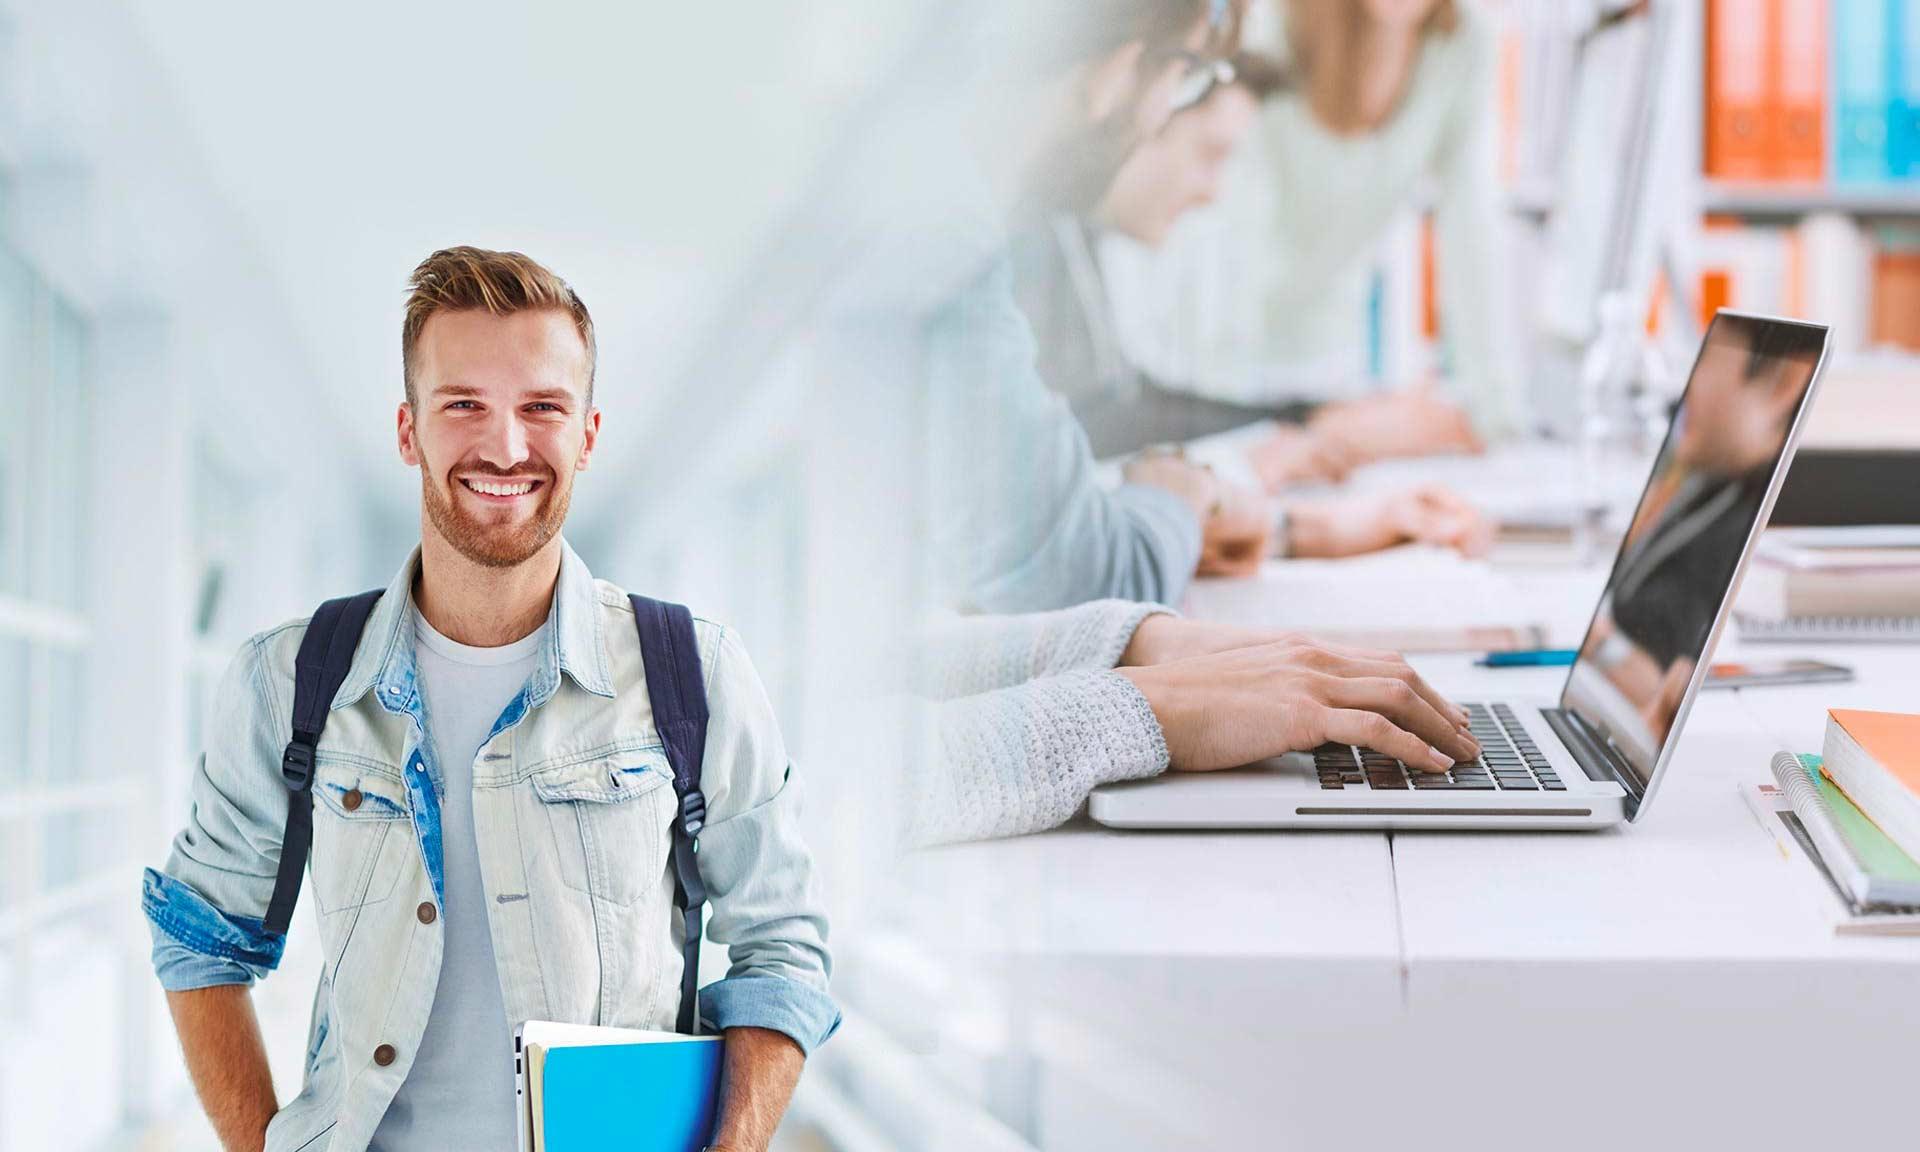 Lagersysteme für die Ausbildung zukünftiger Fachleute